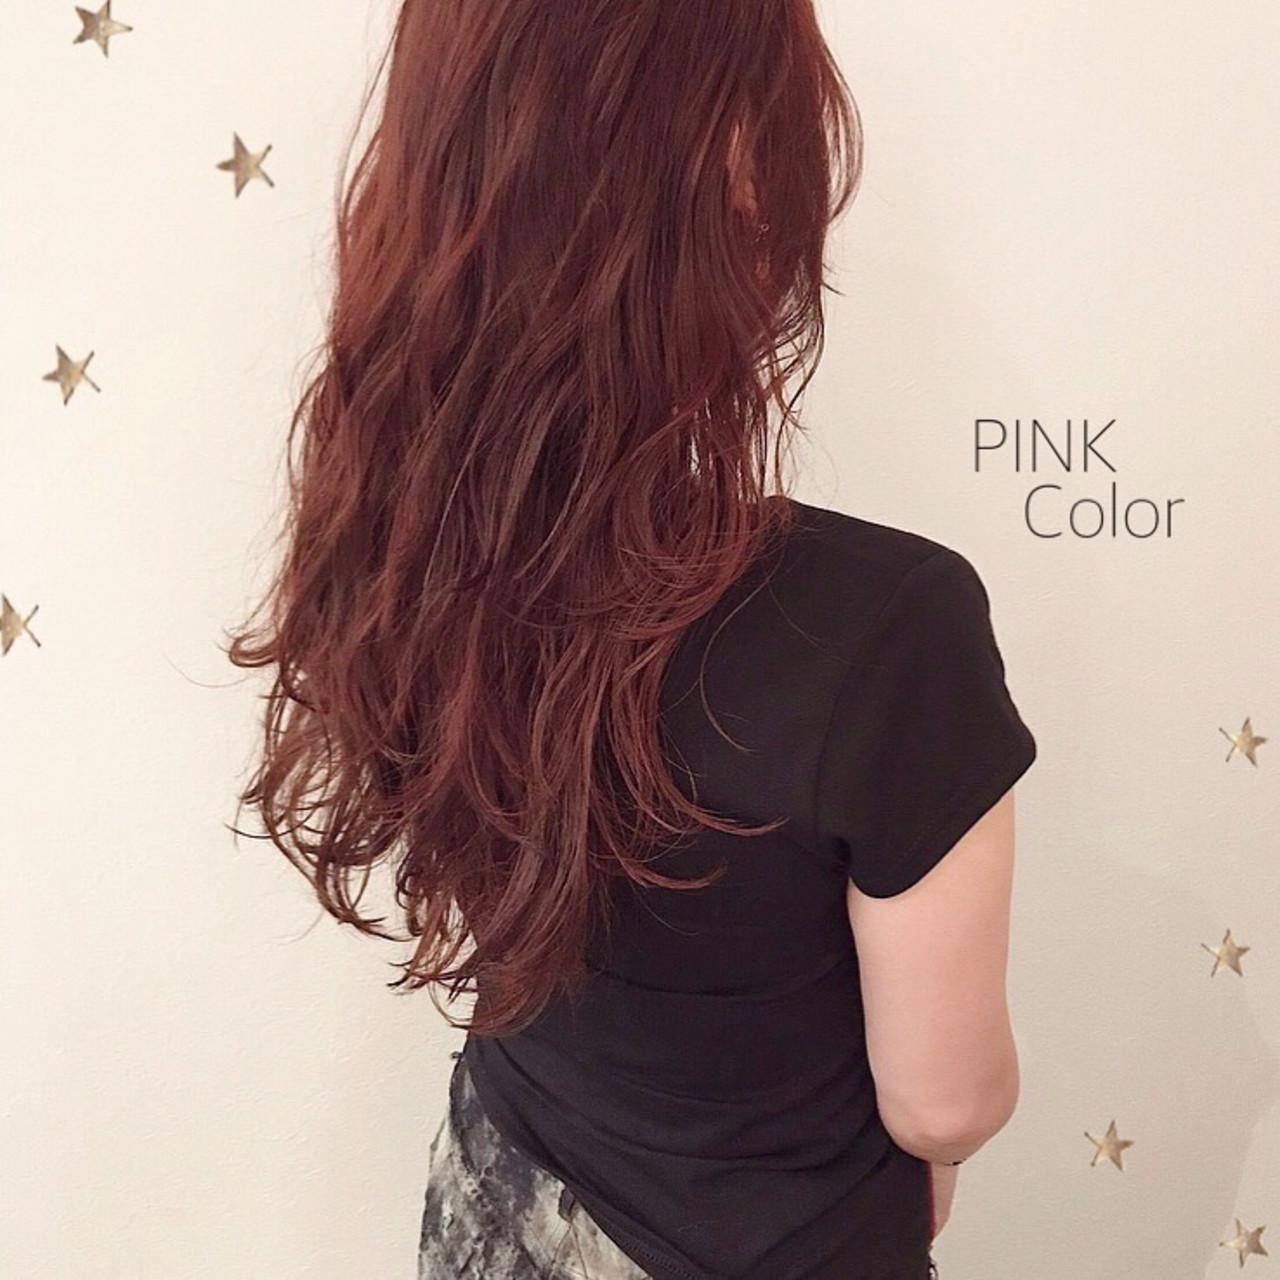 ピンク ストリート ゆるナチュラル ゆる巻き ヘアスタイルや髪型の写真・画像